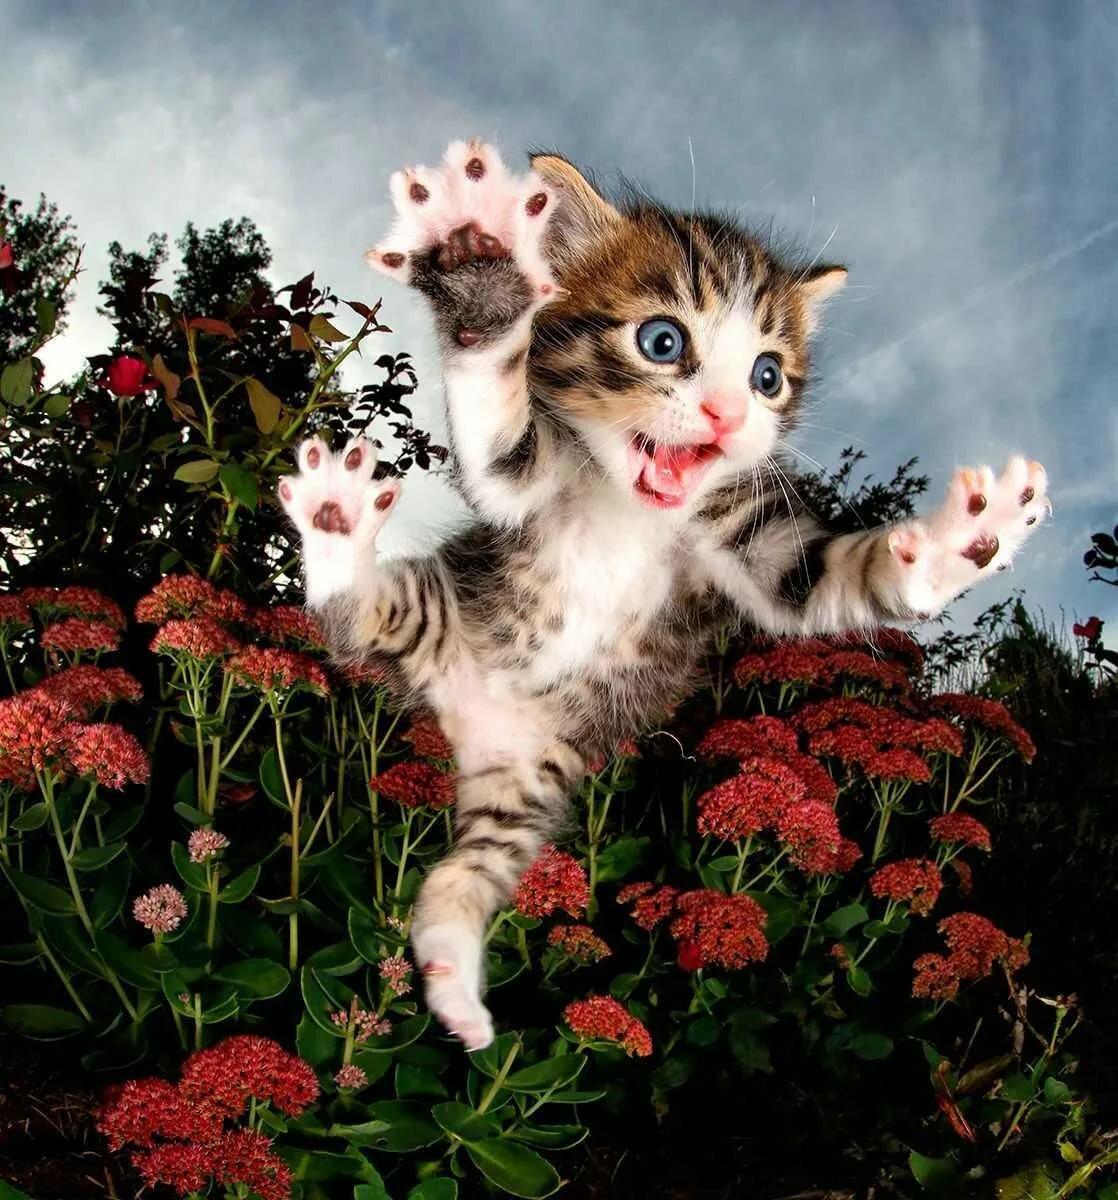 Приколы смешные, картинки прикольный котята